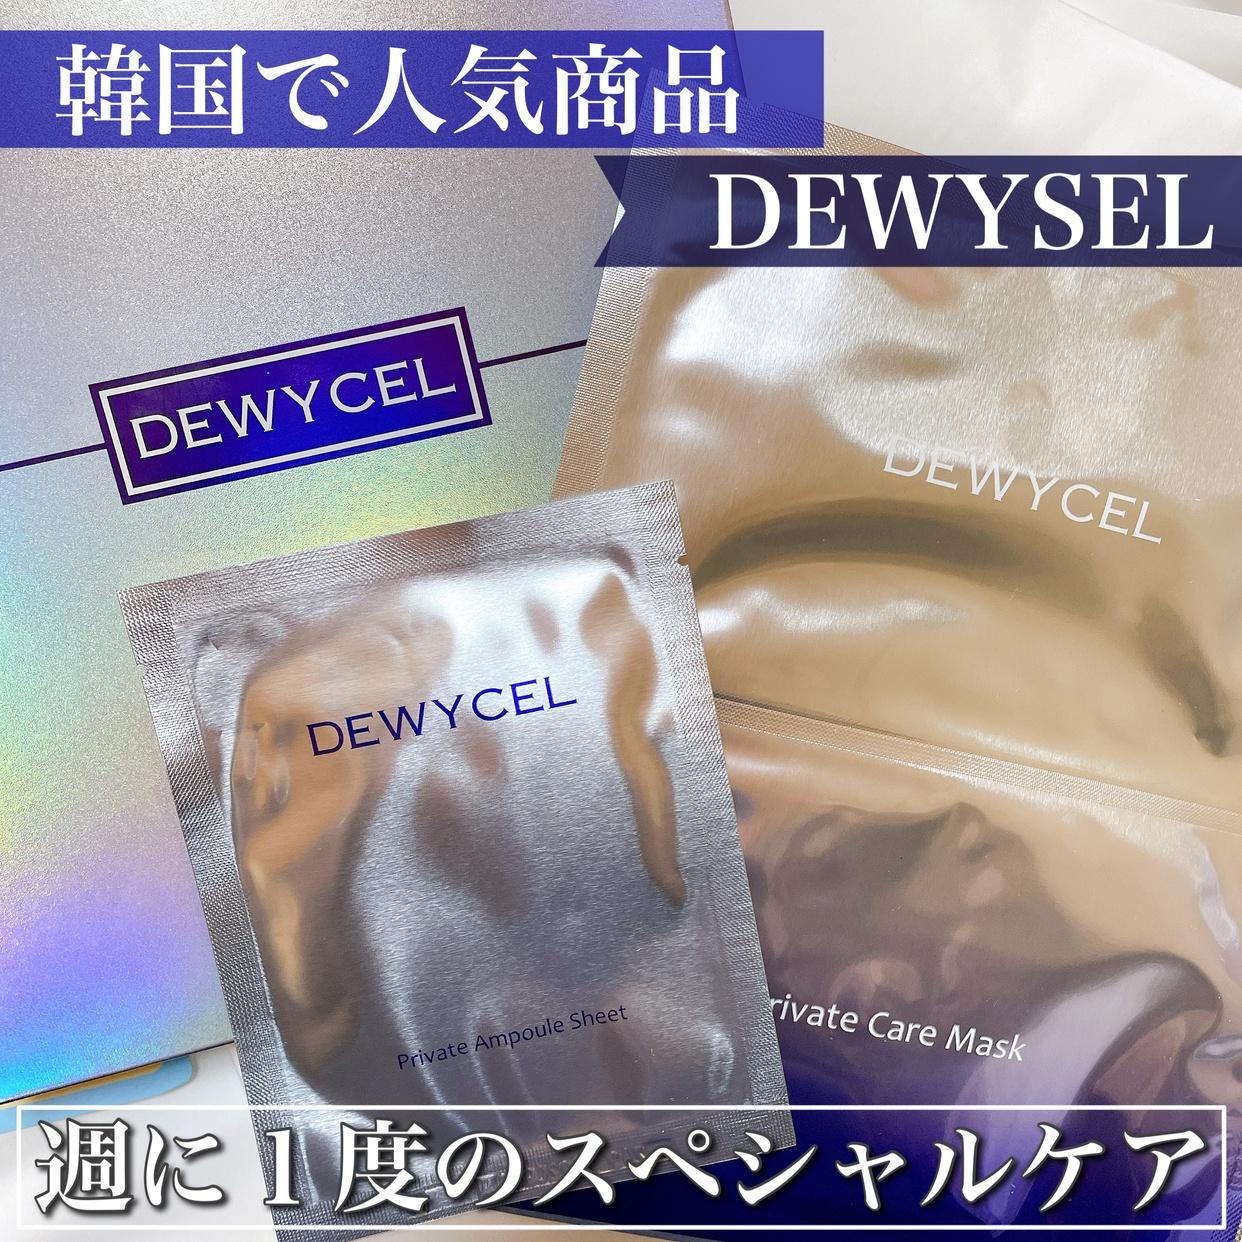 DEWYCEL(デュイセル) プライベート ケア マスクを使ったここあさんのクチコミ画像1